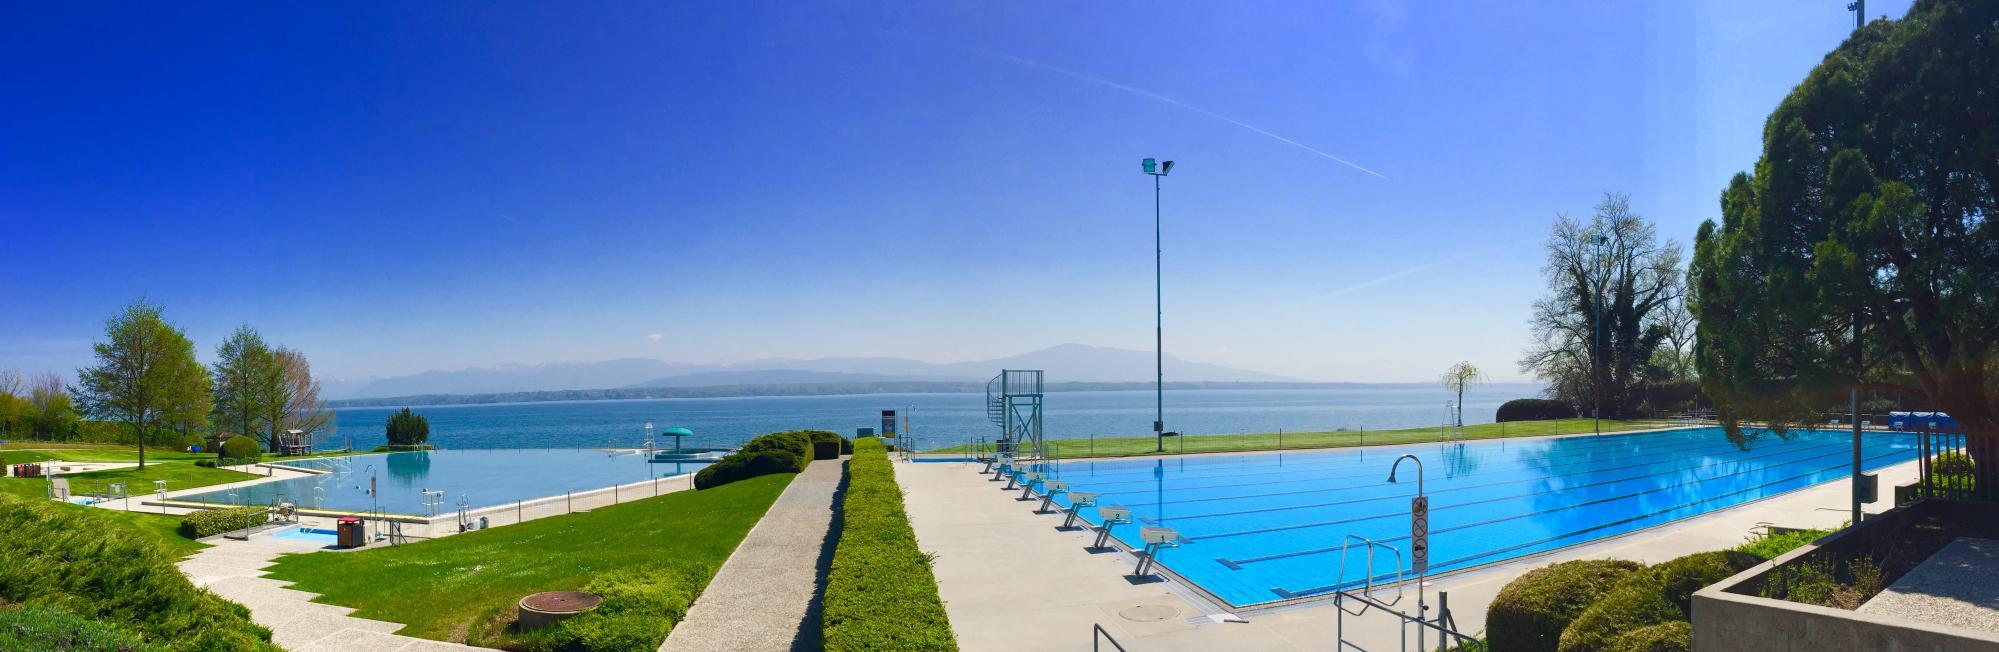 Piscine de colovray la c te tourisme suisse for Construction piscine jura